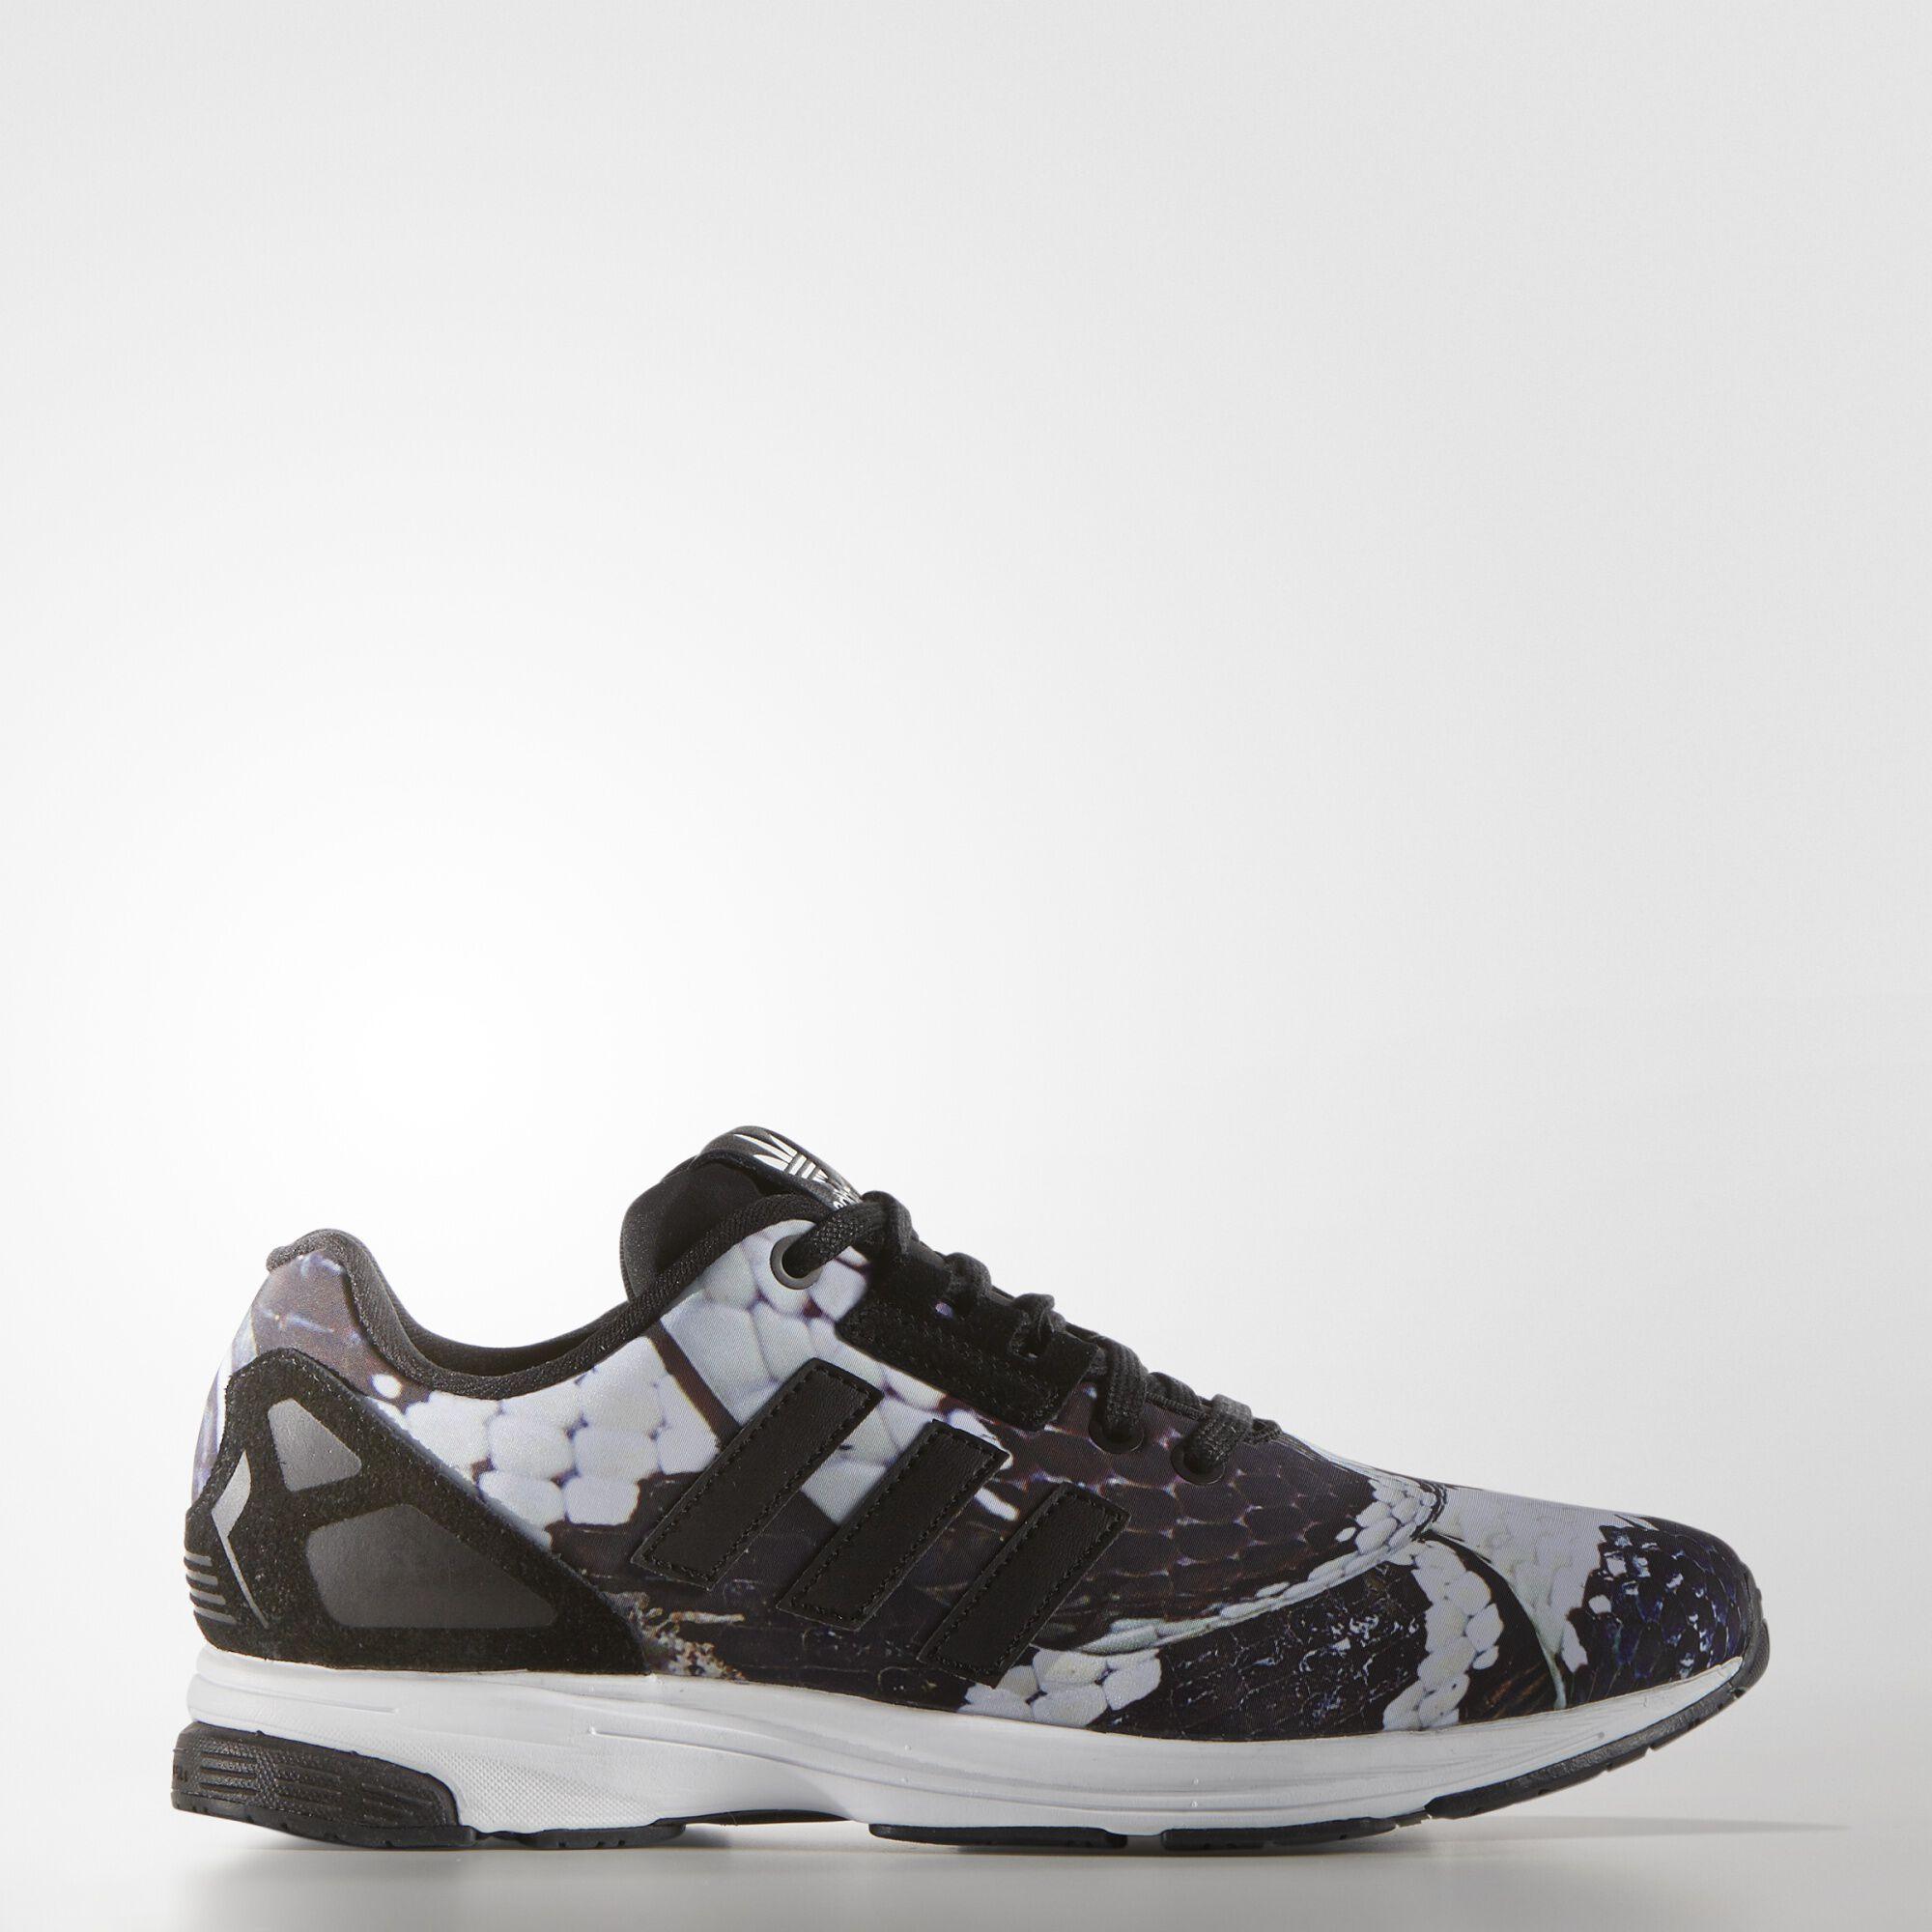 adidas , Zapatillas Originals ZX Flux Tech Mujer Core Black/Core Black/White S81526